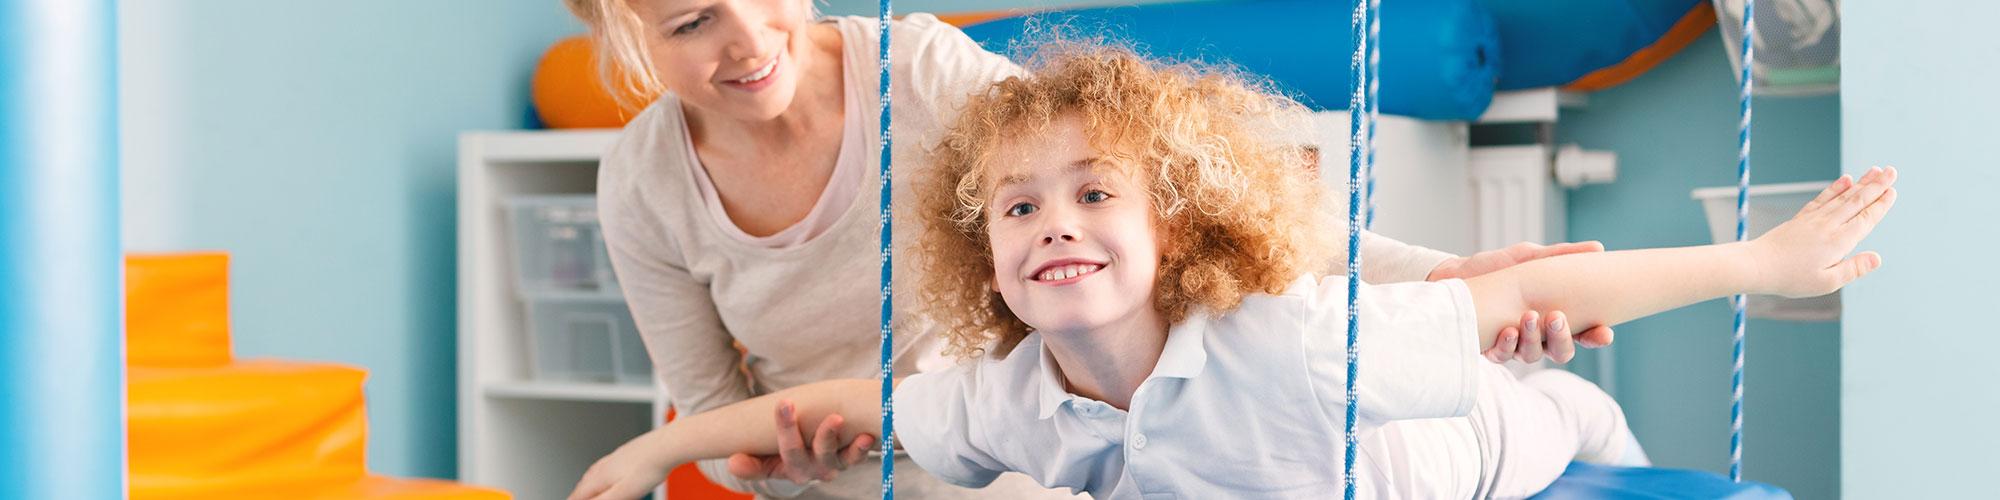 Ergotherapie Für Kinder In Landshut